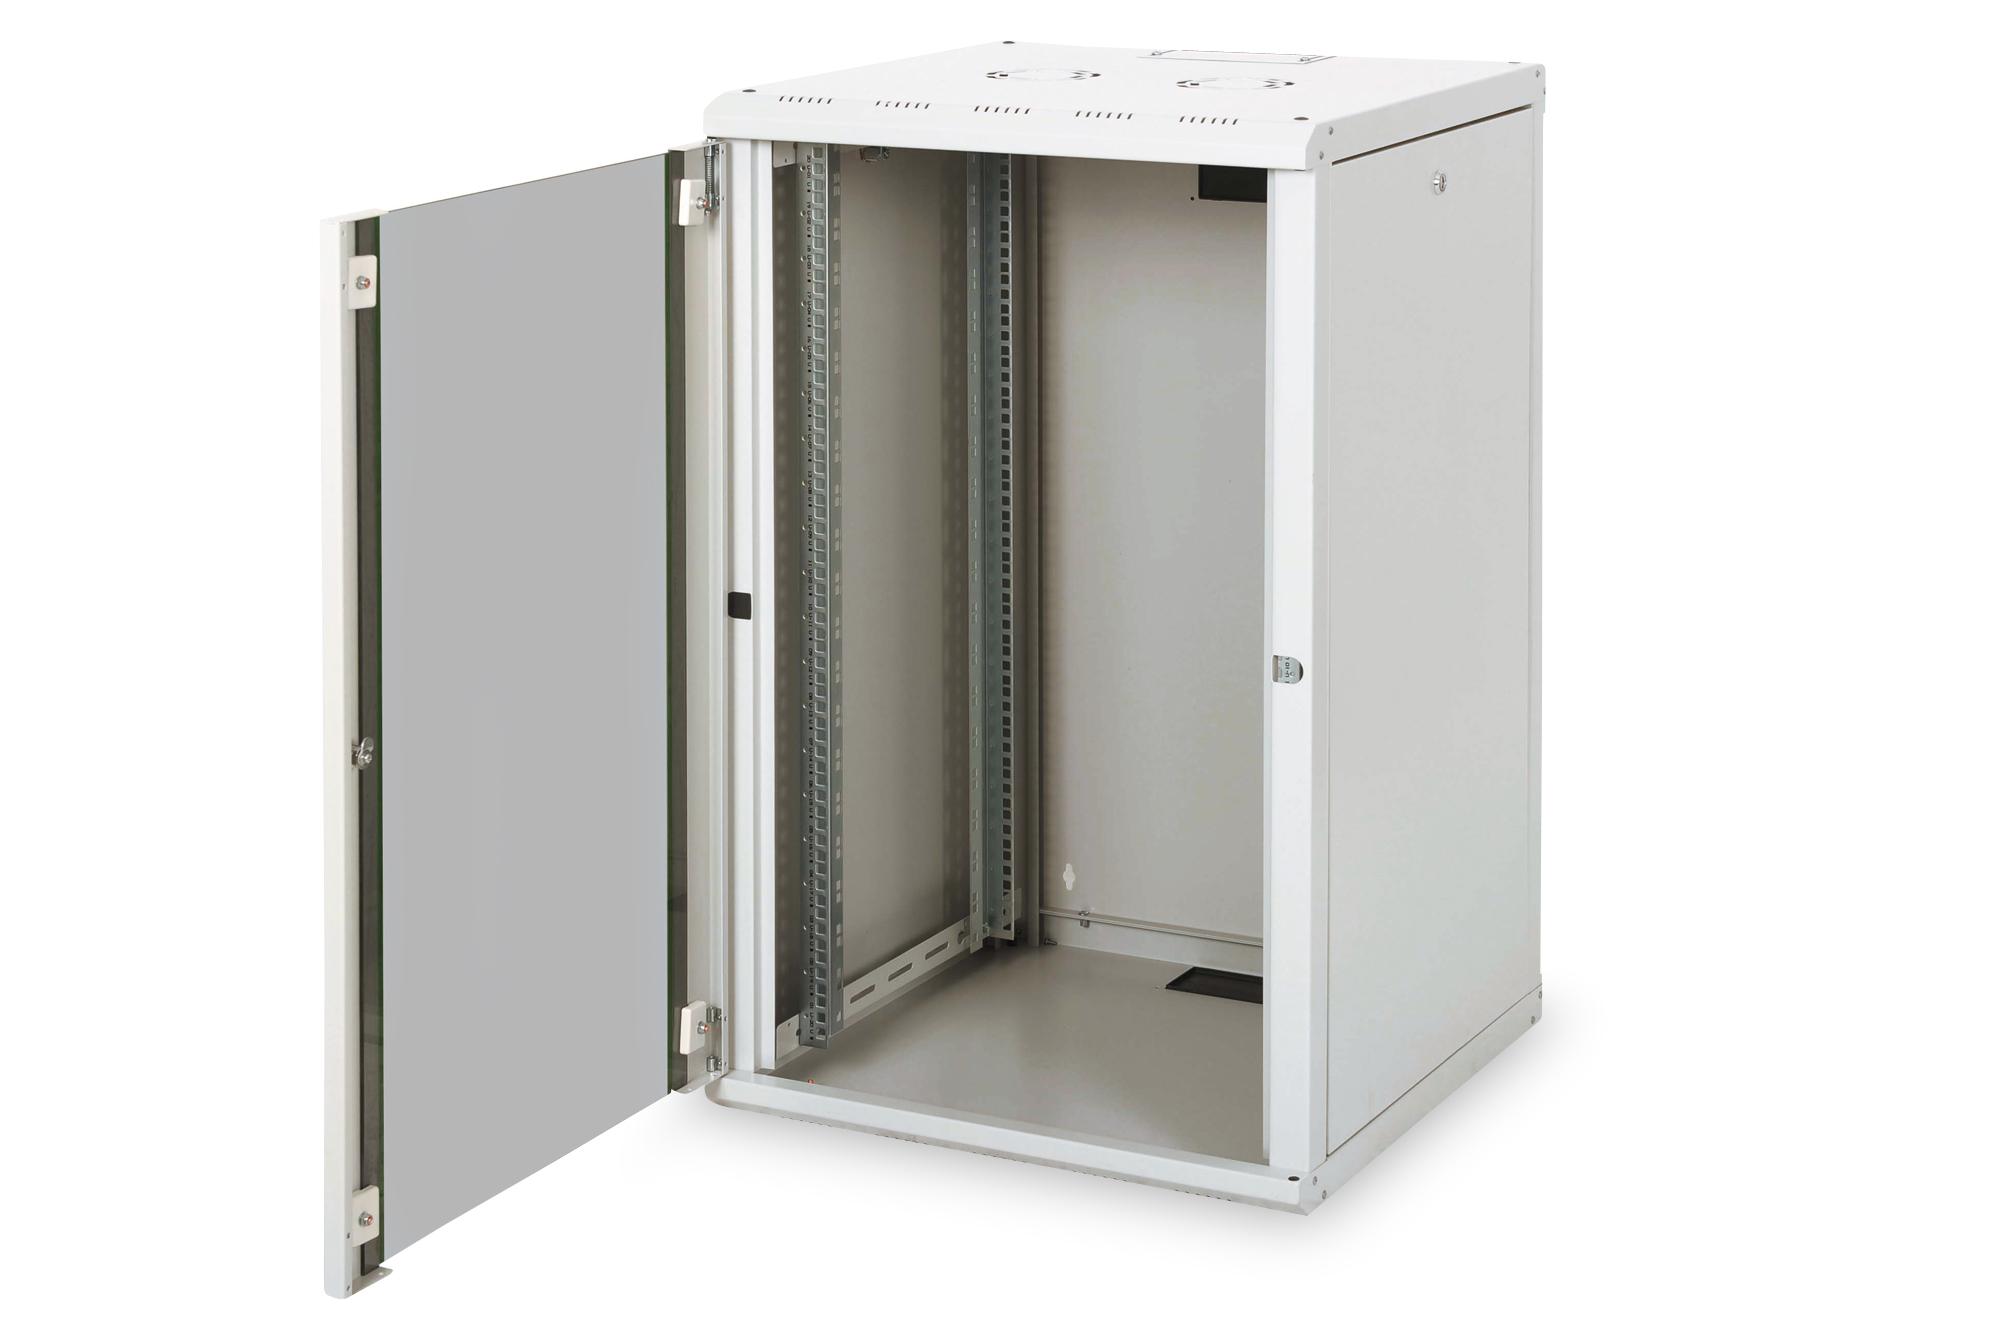 Armadio 20 unita' da muro linea soho (a)998 x (l)600 x (p)600 mm. colore grigio chiaro